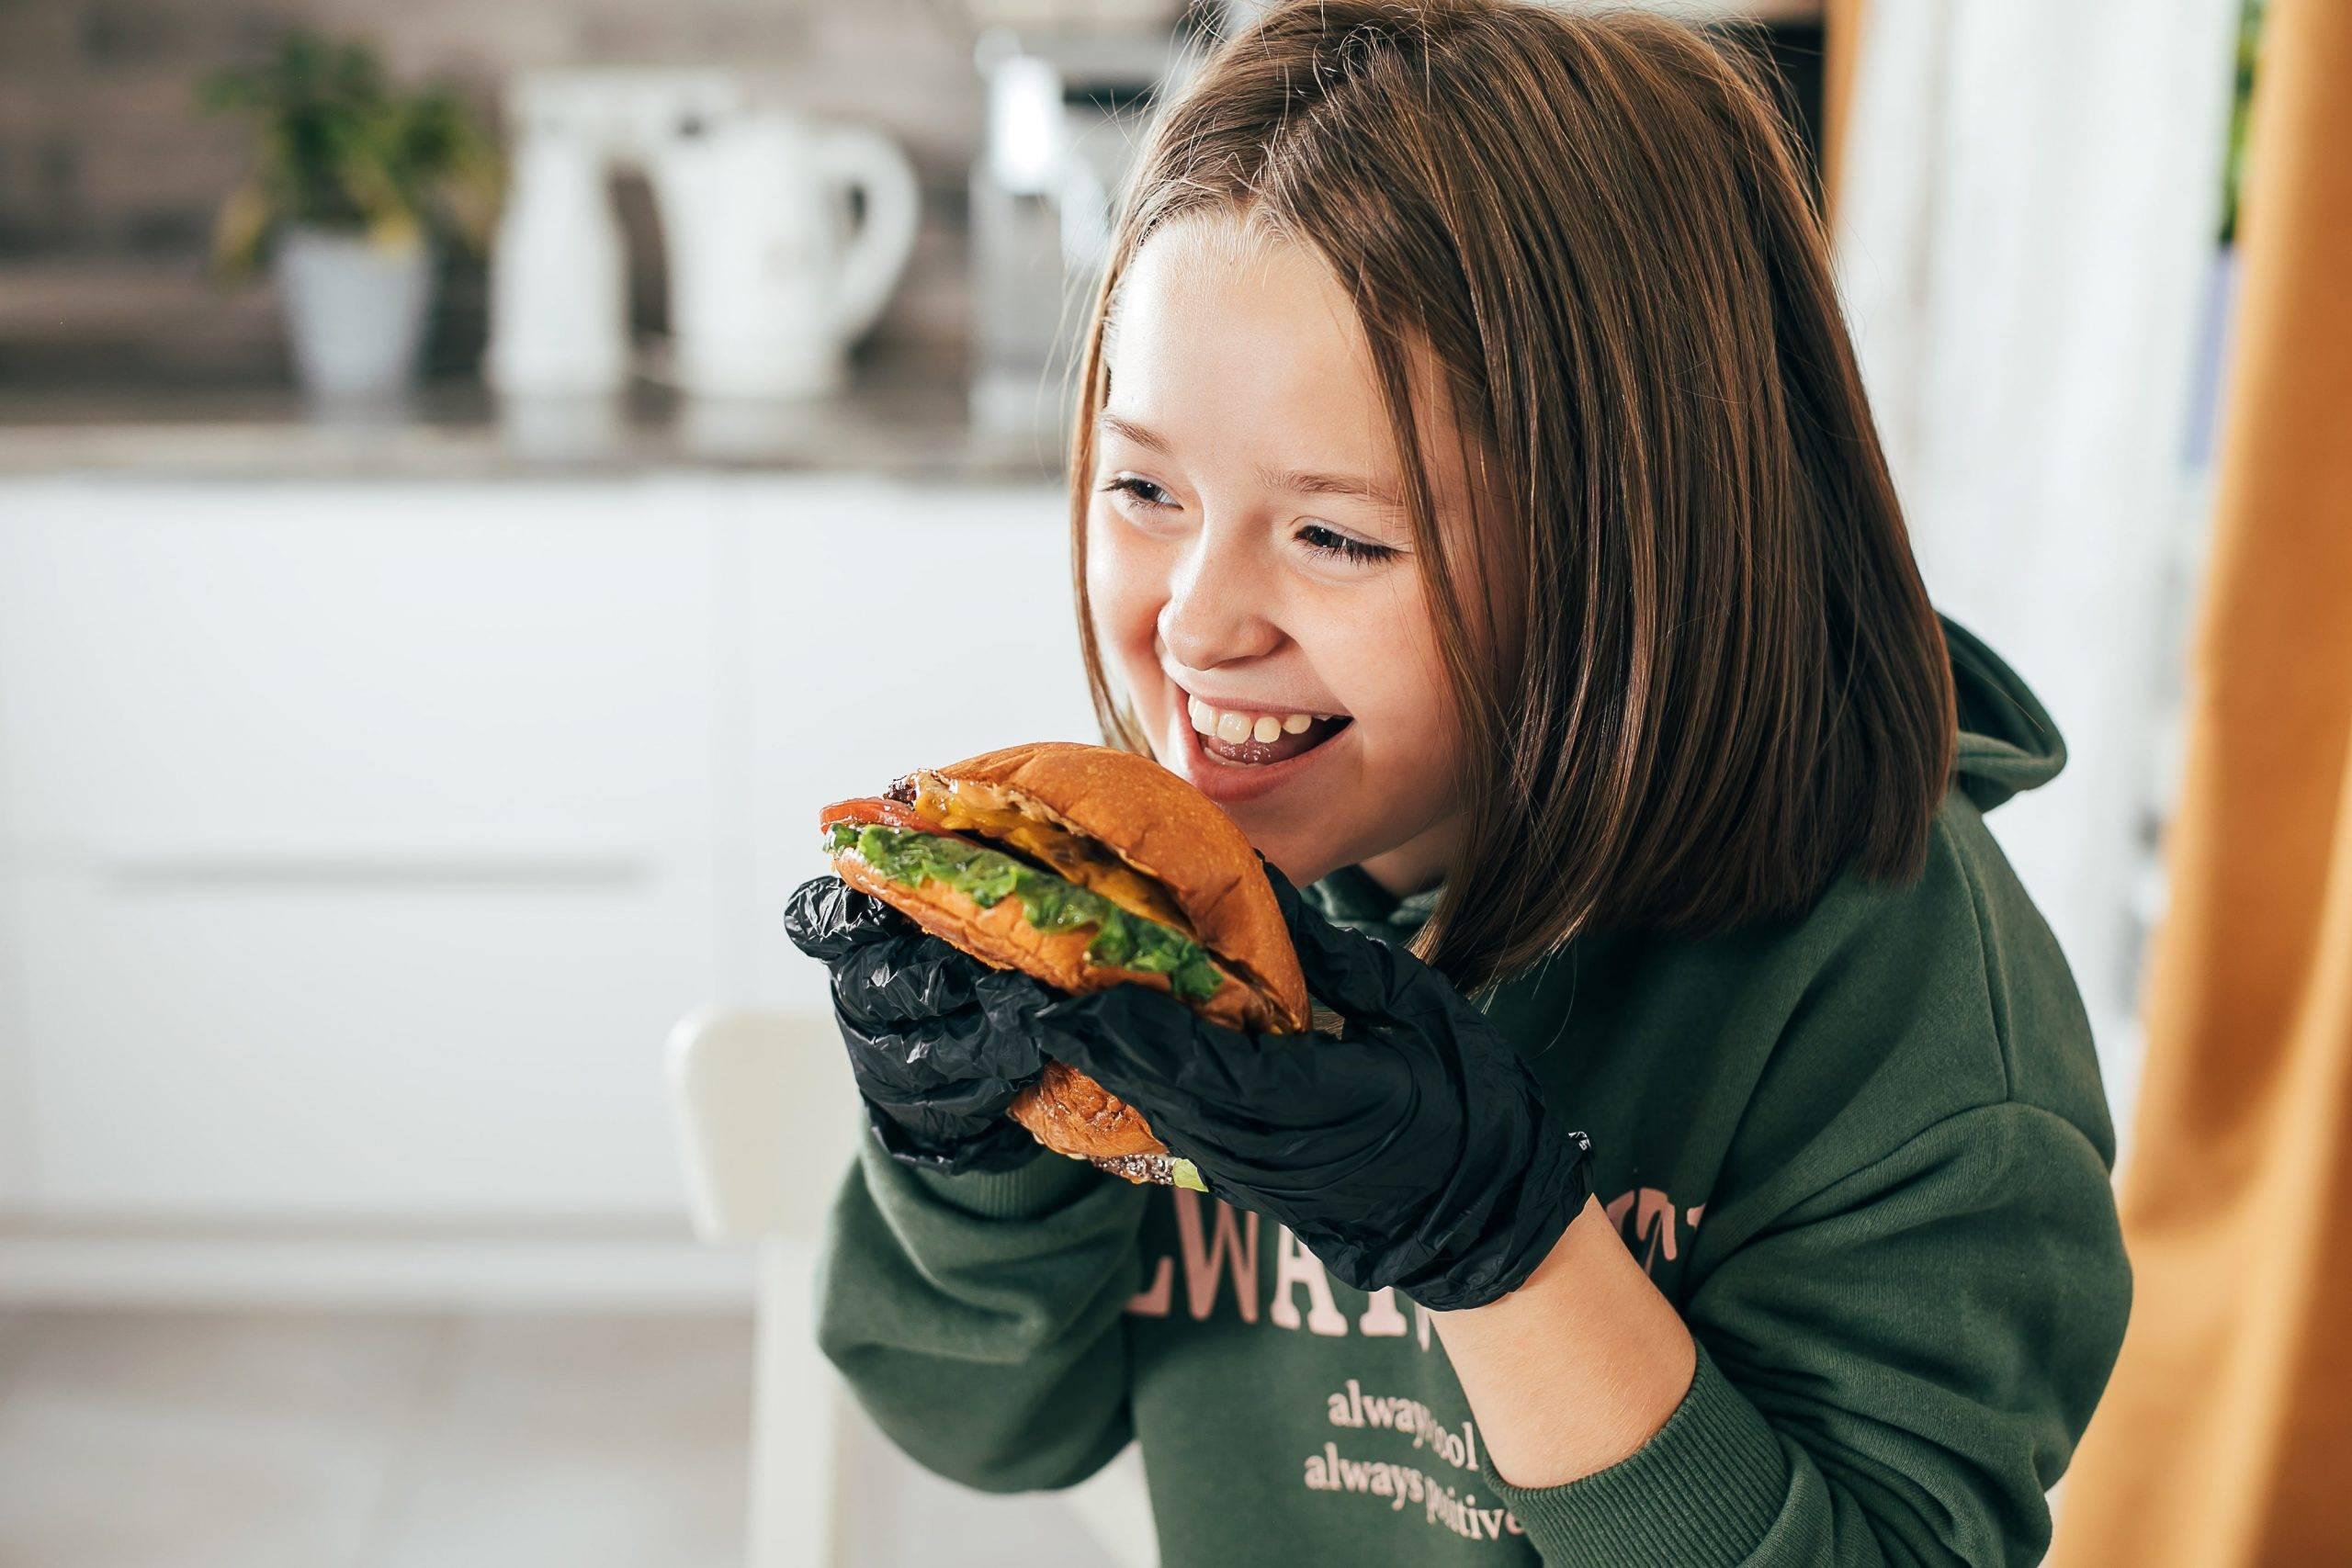 Çocukluk Çağı Obezitesinin Erken Belirtileri ve Sağlık Riskleri Nelerdir?